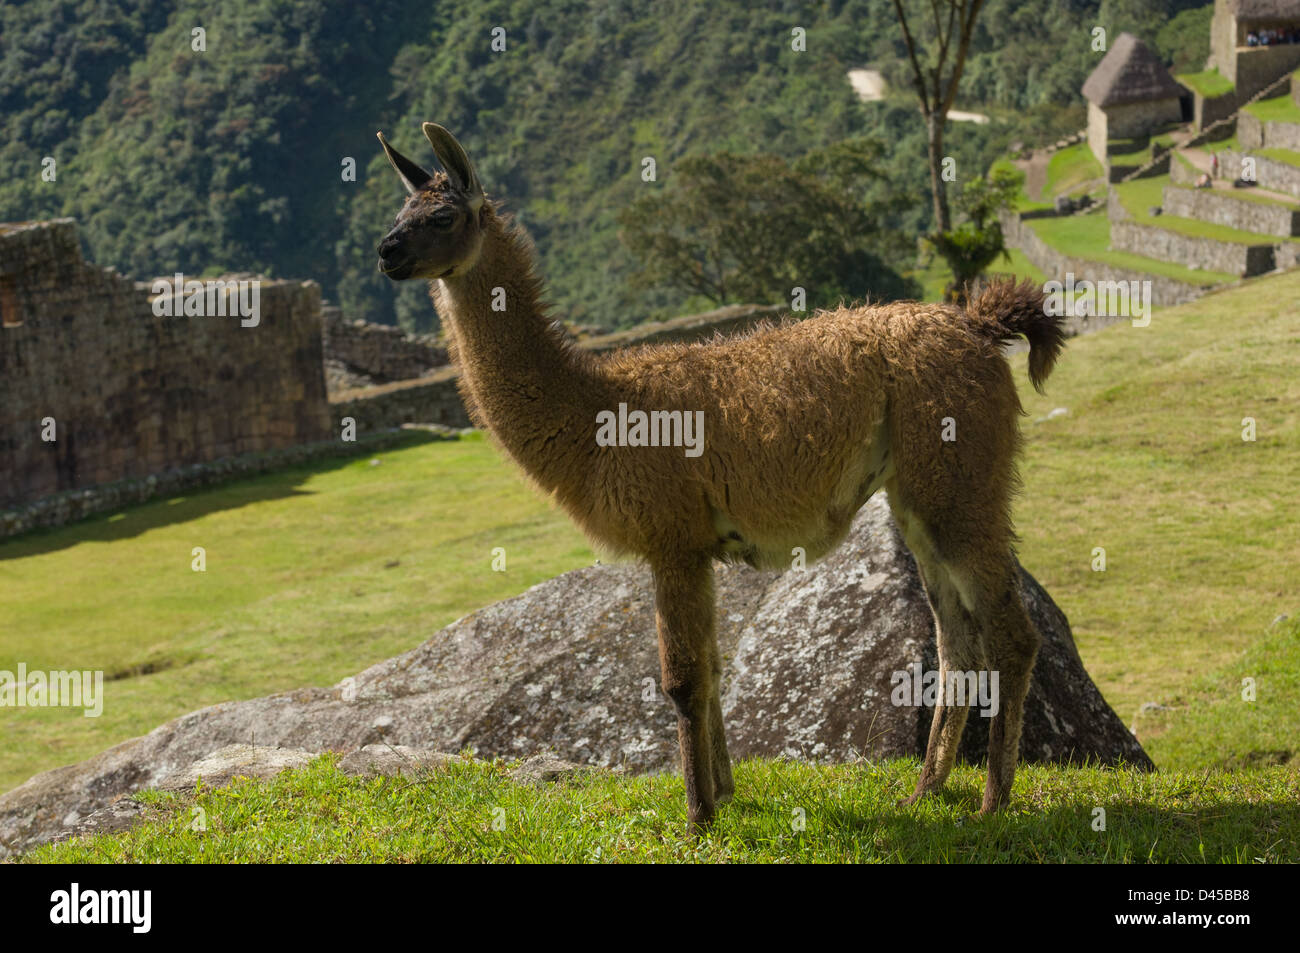 Llama (Lama glama) in the ruins of Machu Picchu, Aguas Calientes, Peru Stock Photo